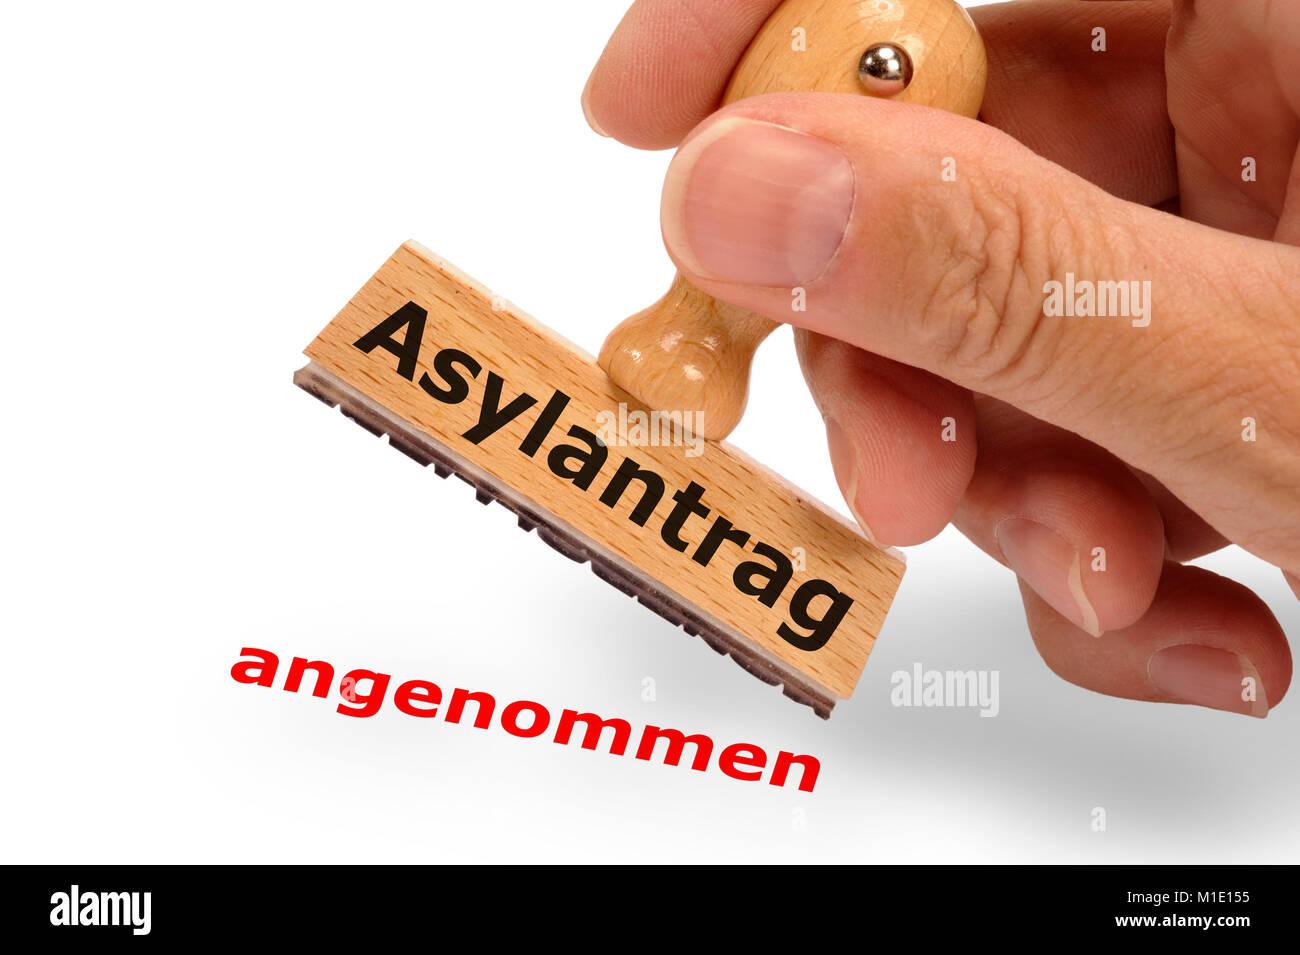 Asylantrag angenommen - markiert auf Holzstempel Stock Photo